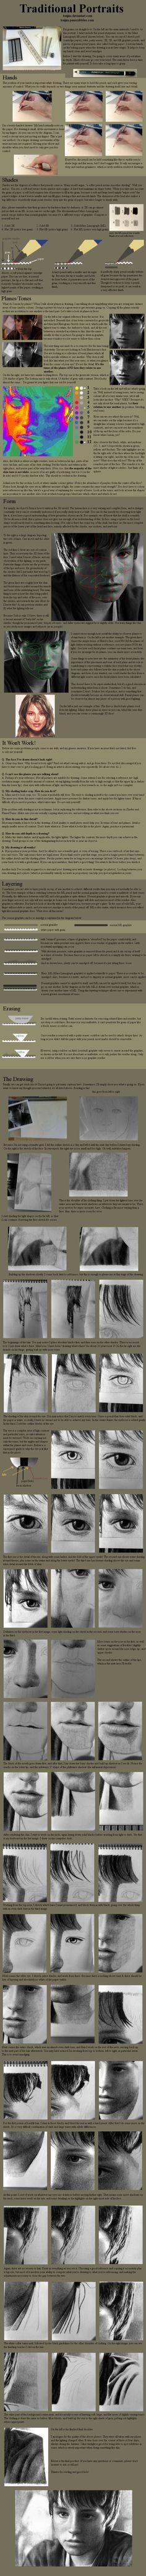 Tutorial - Graphite:Portraits by `treijim on deviantART